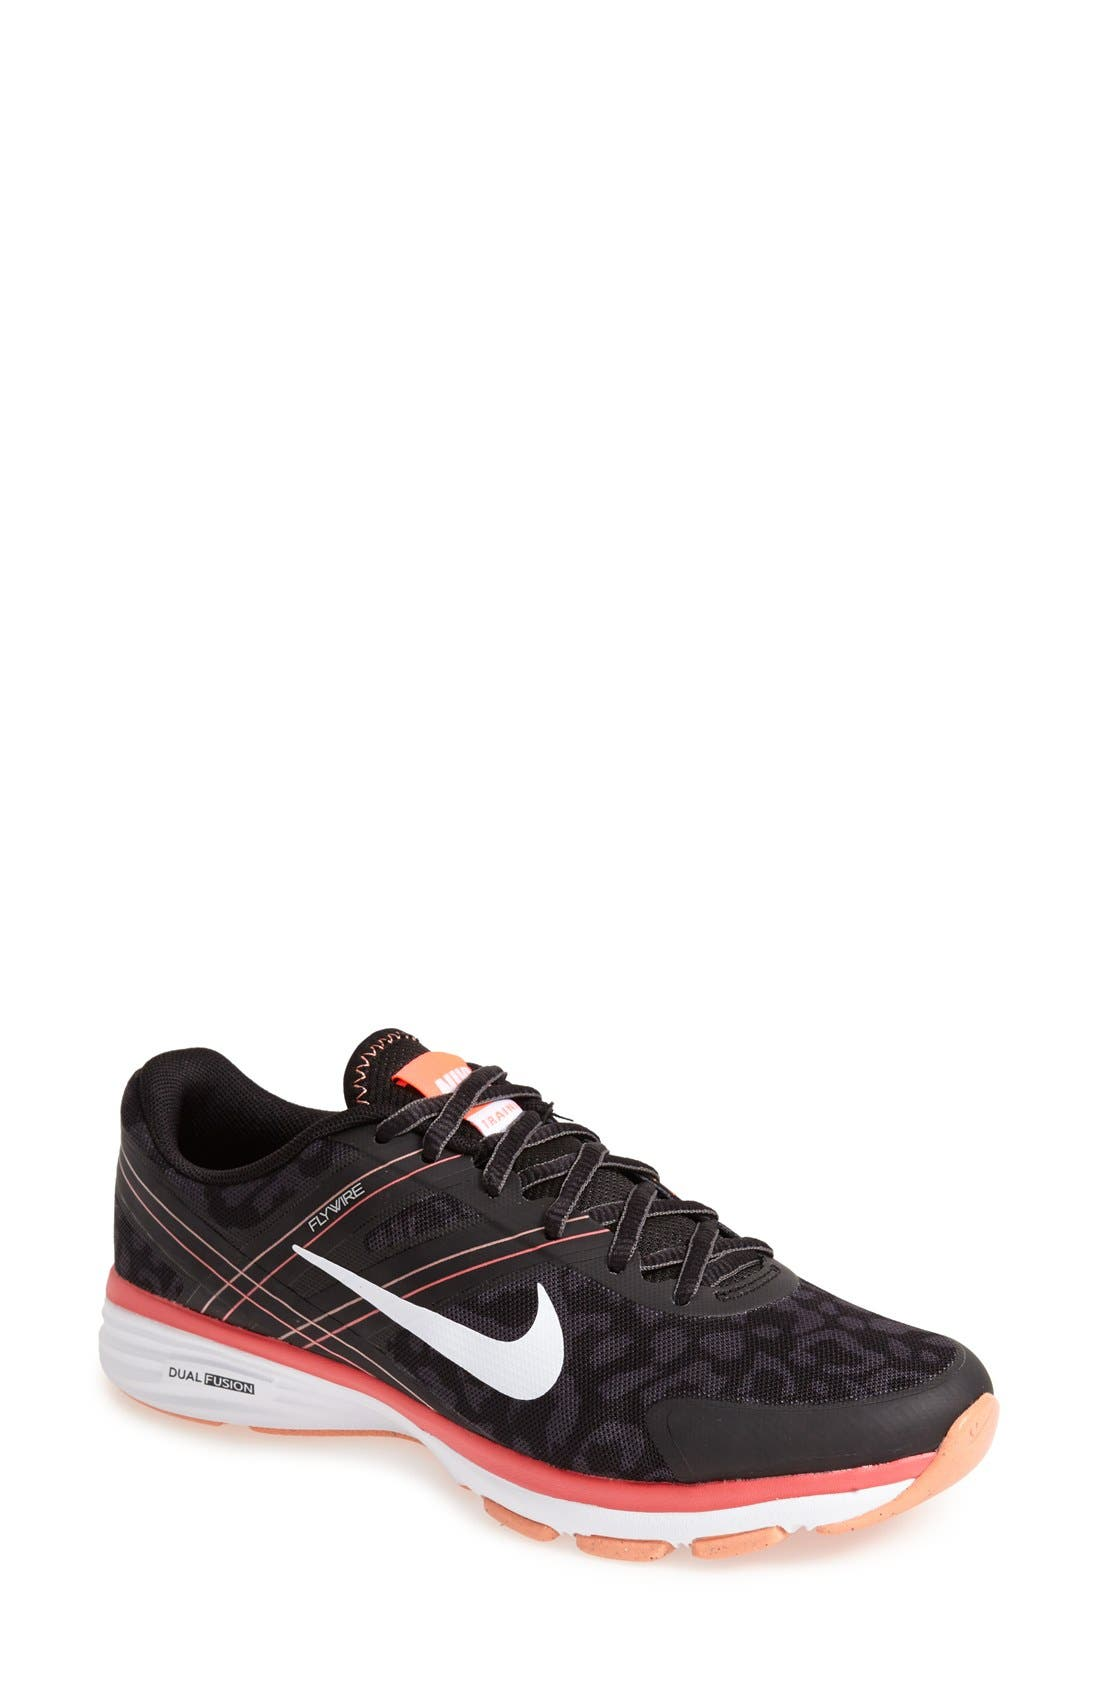 Main Image - Nike 'Dual Fusion TR II' Training Shoe (Women)